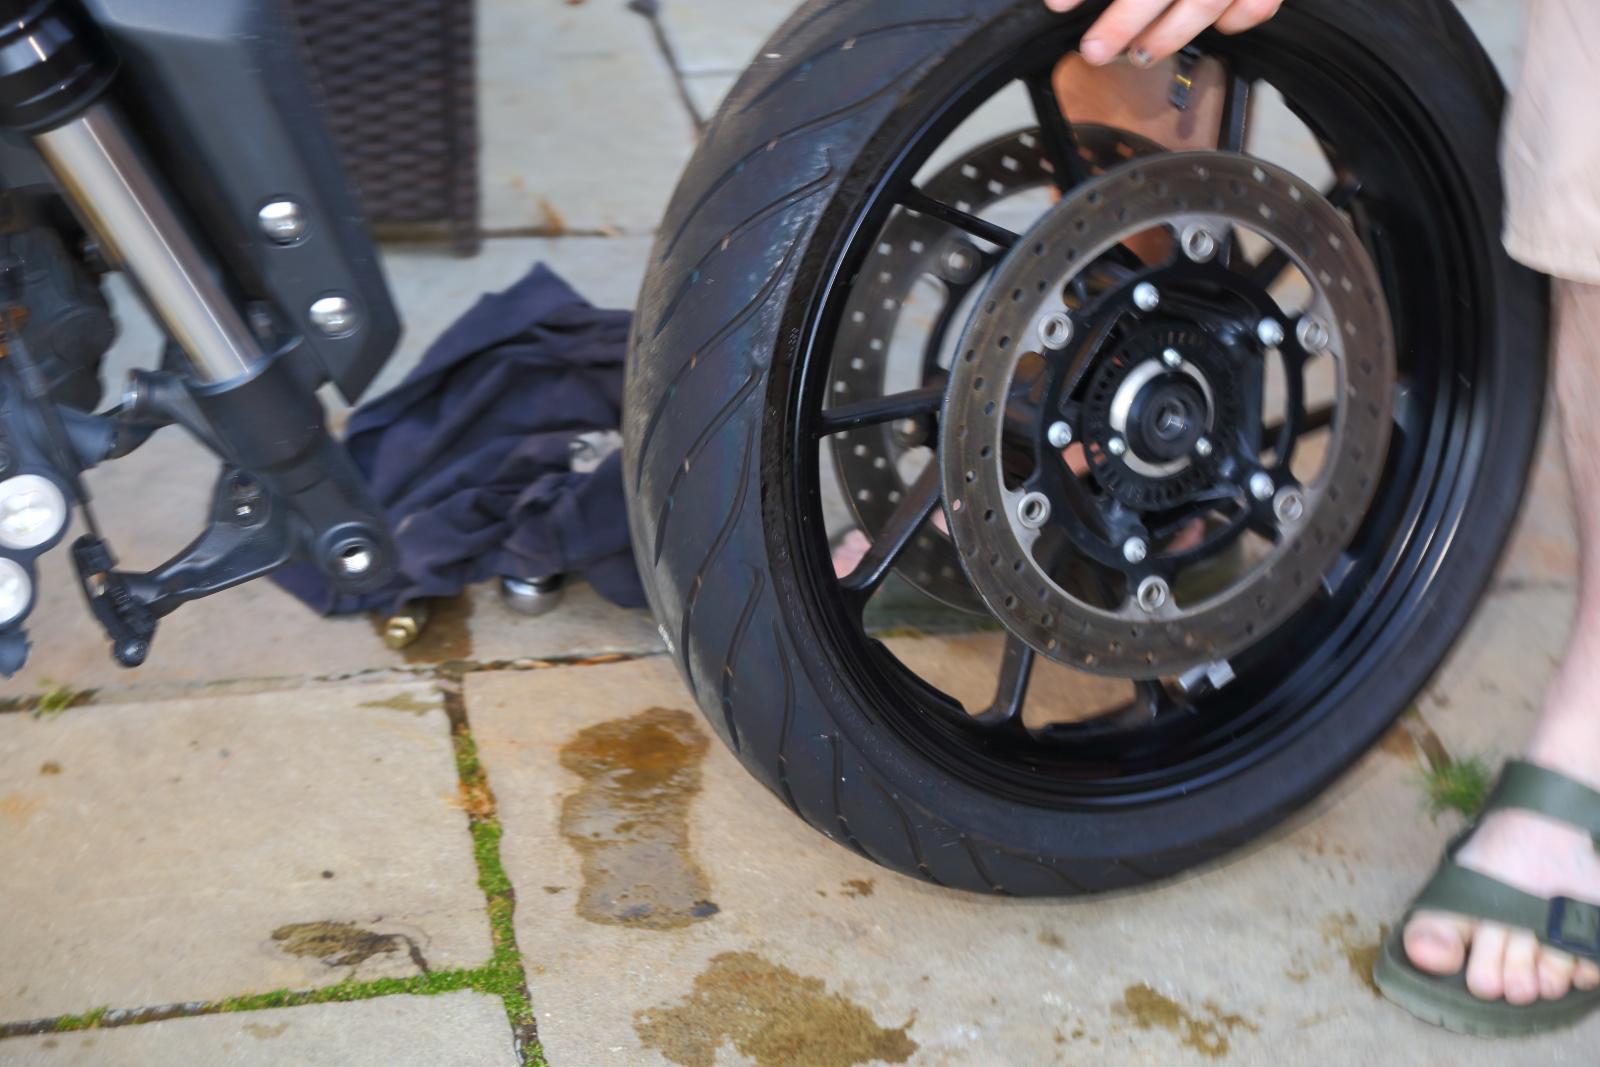 Tracer 900 long termer brake discs